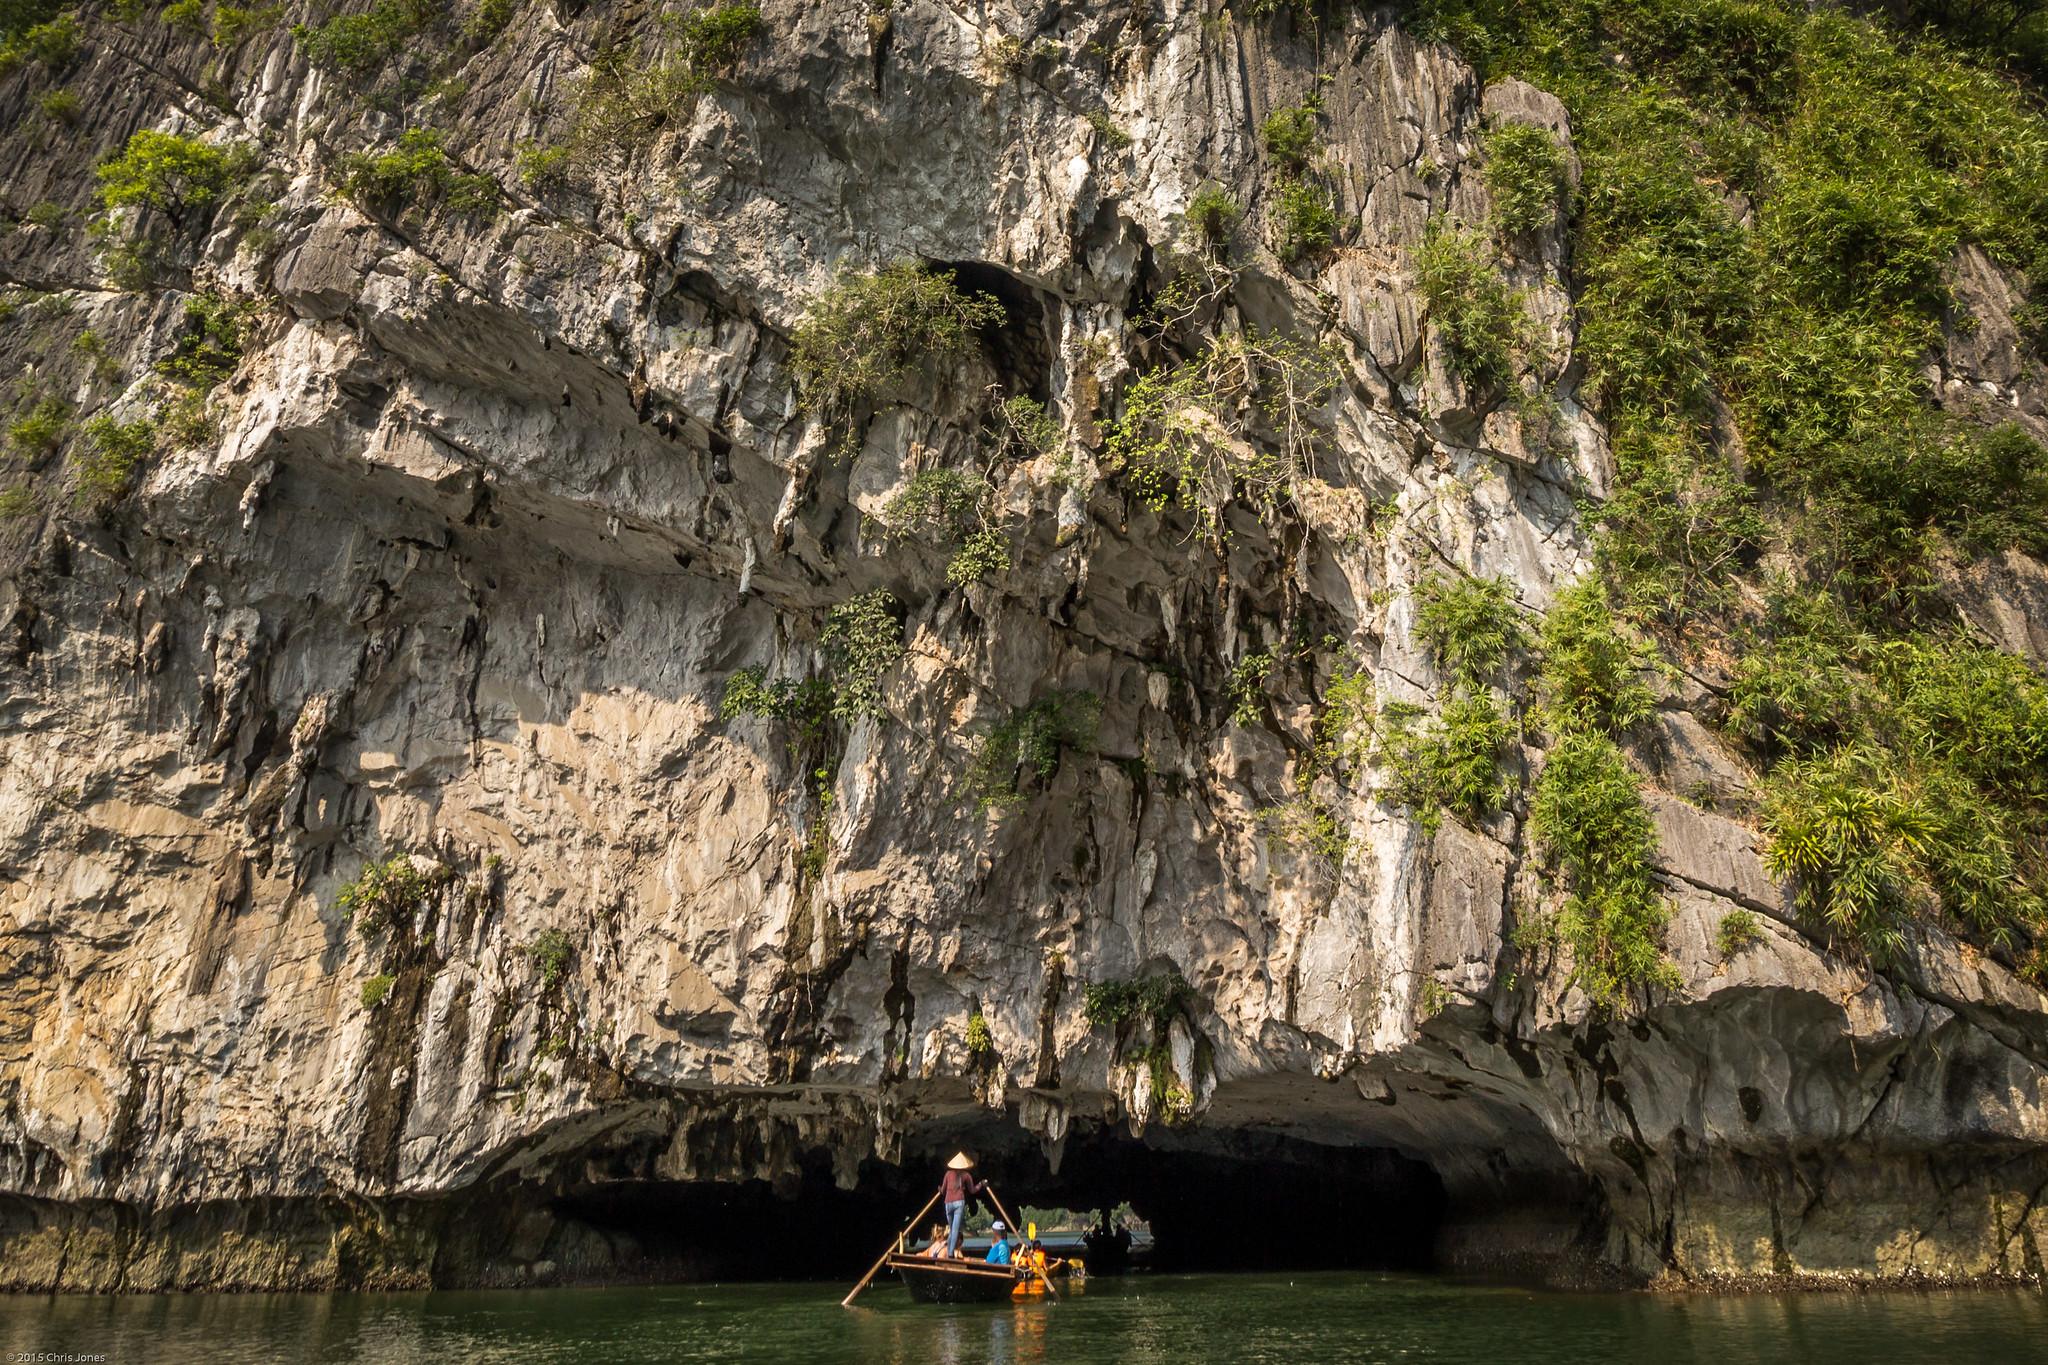 Grotte Sombre et Clair